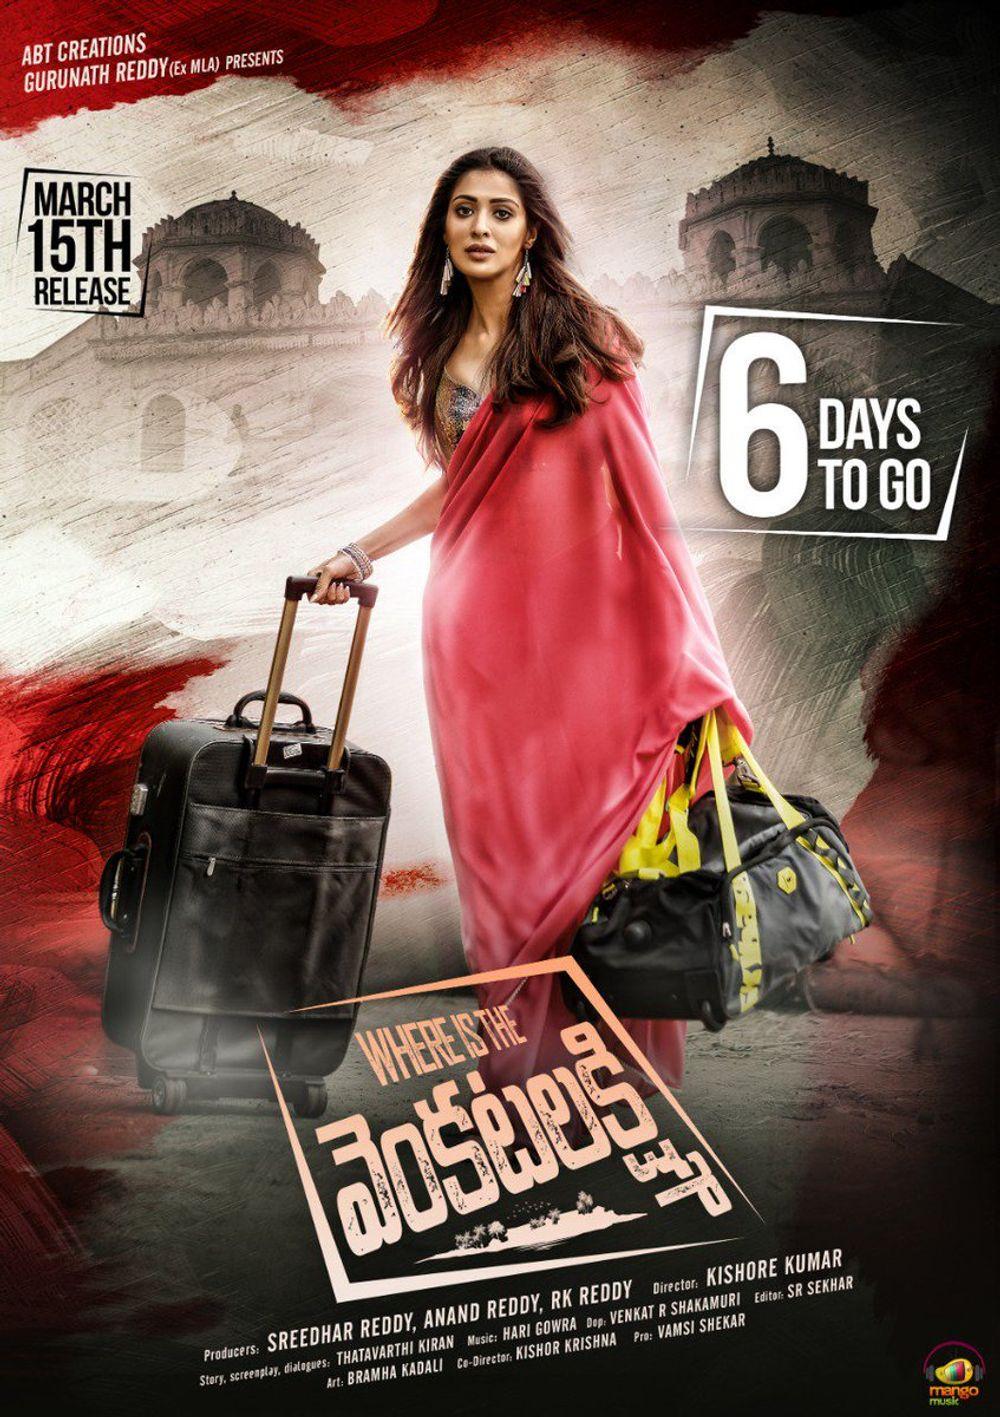 4-Where Is The Venkatalakshmi